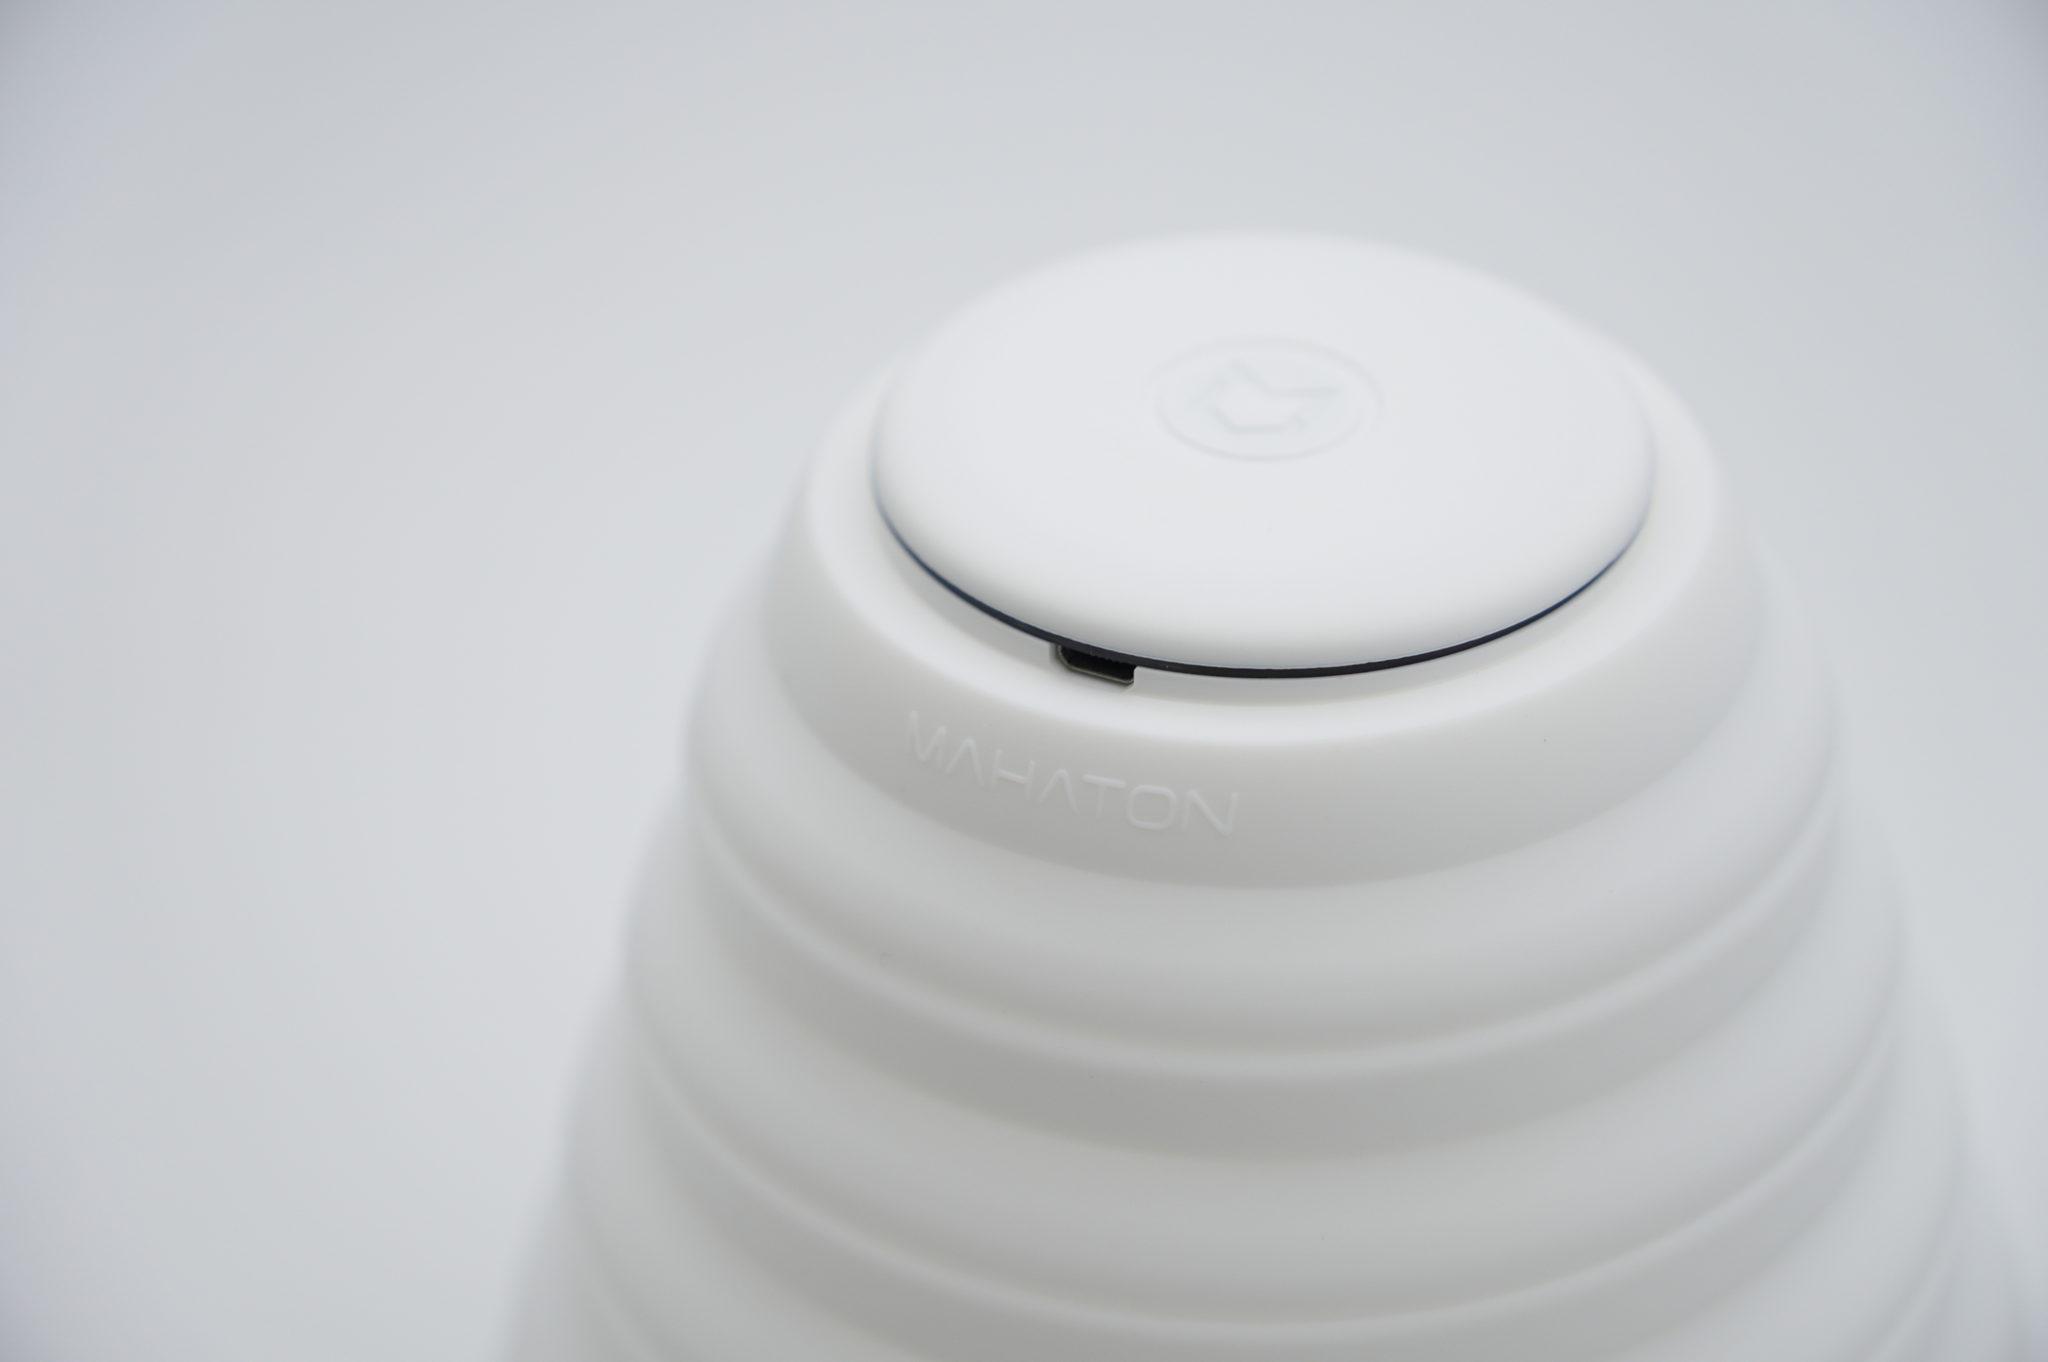 UV-C 紫外線除菌器 Mahaton